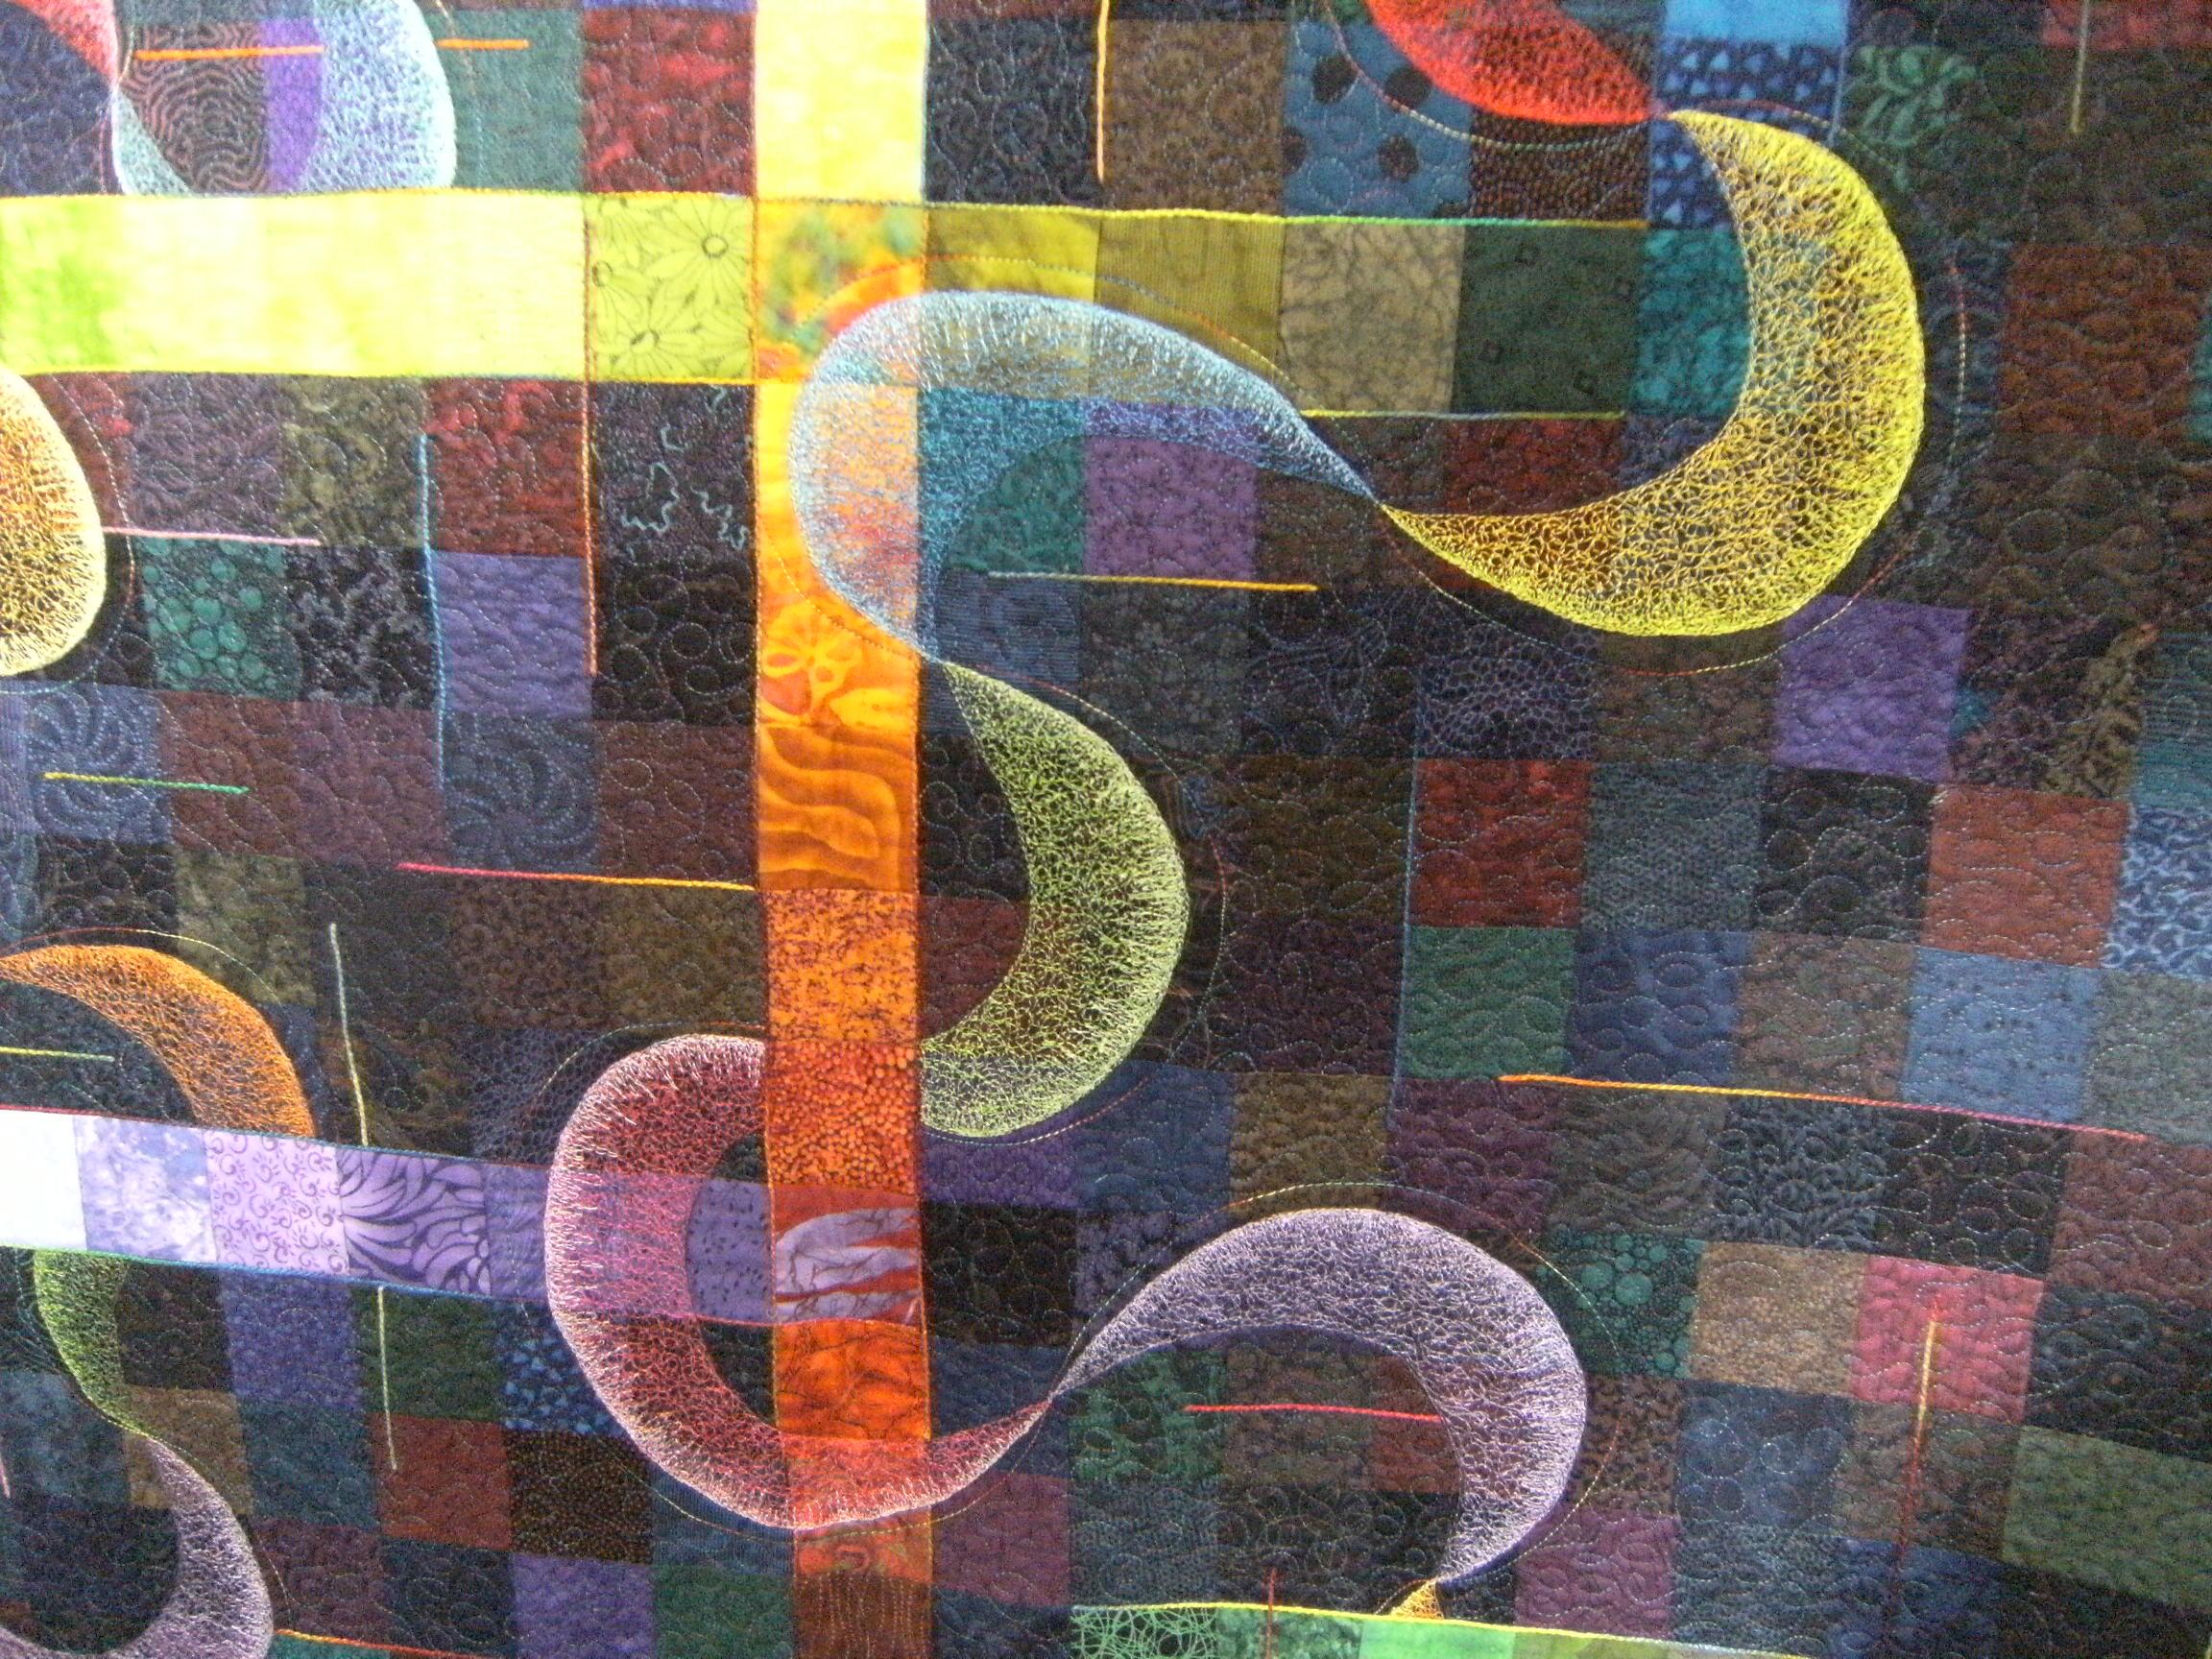 st-marie-2012-15-septembre-040.jpg